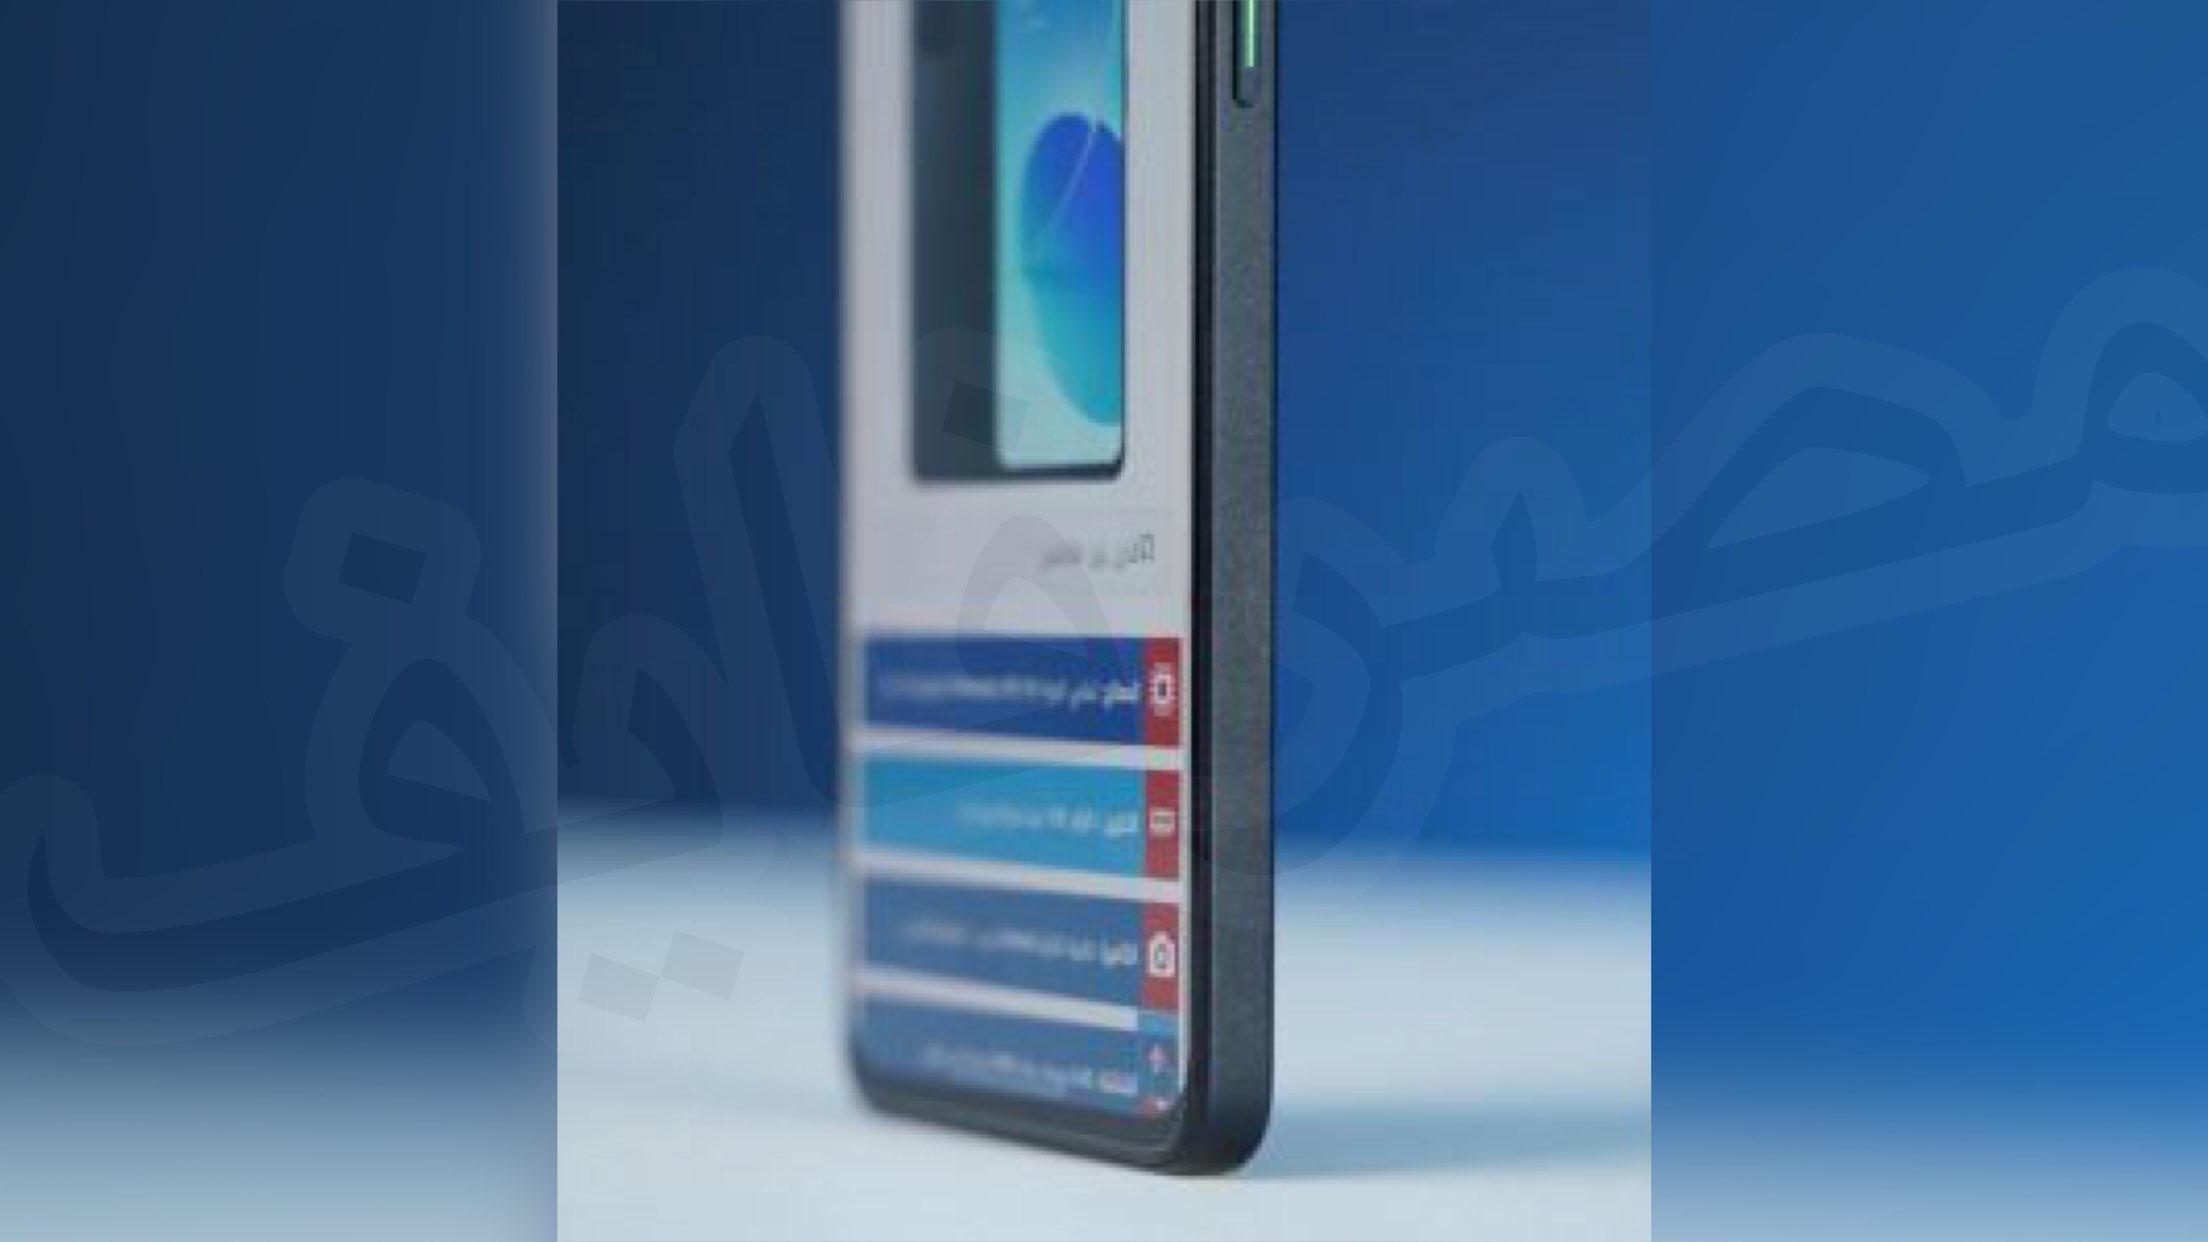 تعرف على عيوب ومميزات هاتف Oppo Reno 6 5g الجديد 2021